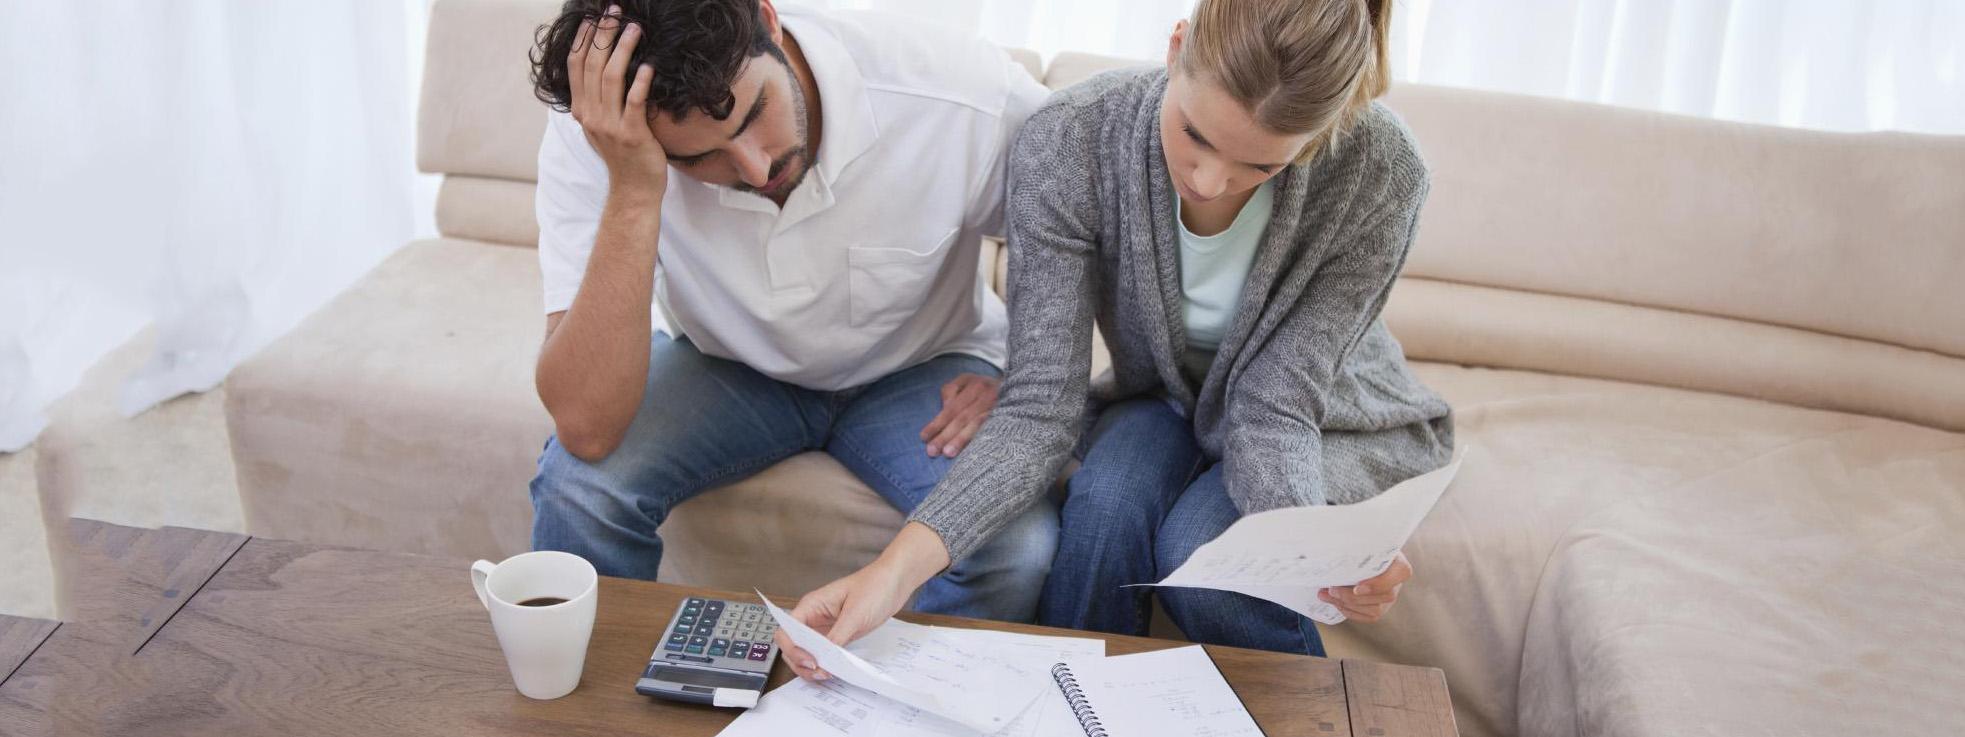 Как быть, если нет денег на оплату обязательного кредита?